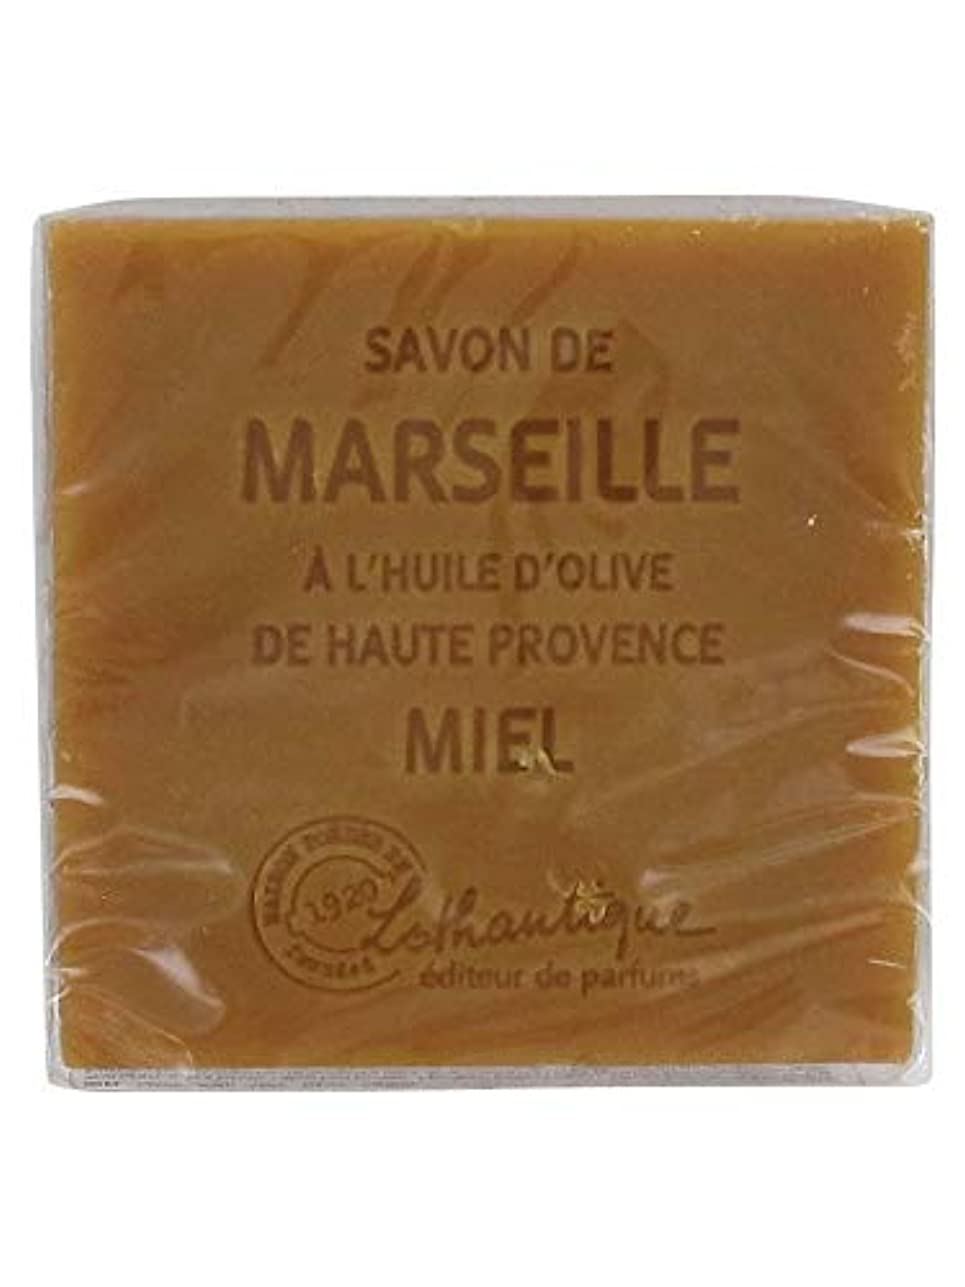 温度北極圏運賃Lothantique(ロタンティック) Les savons de Marseille(マルセイユソープ) マルセイユソープ 100g 「ハニー」 3420070038074